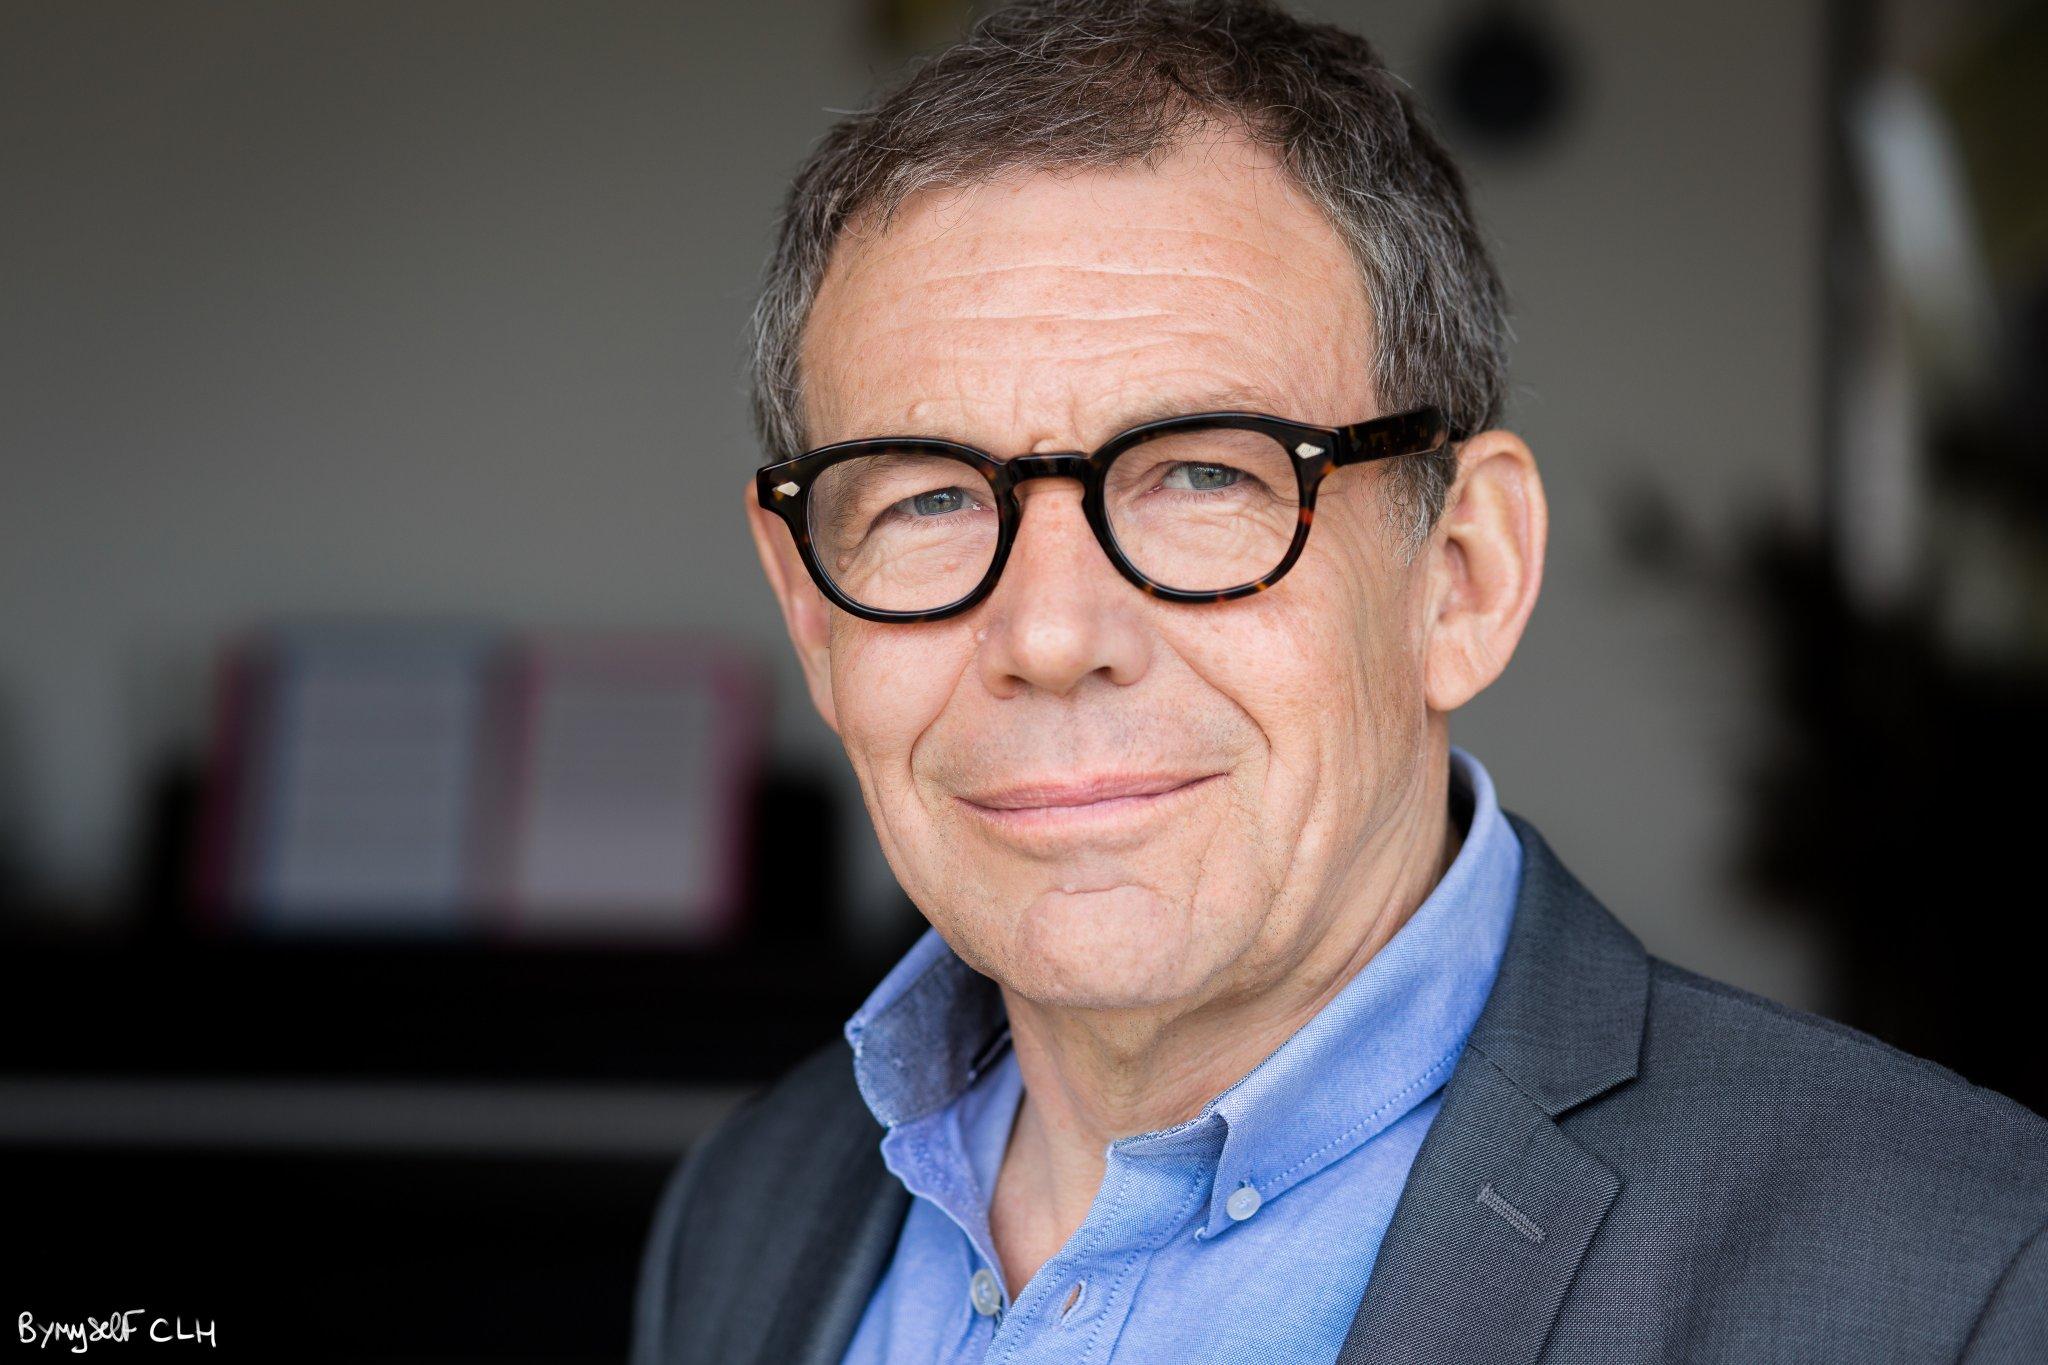 Jean-Paul Dix 53